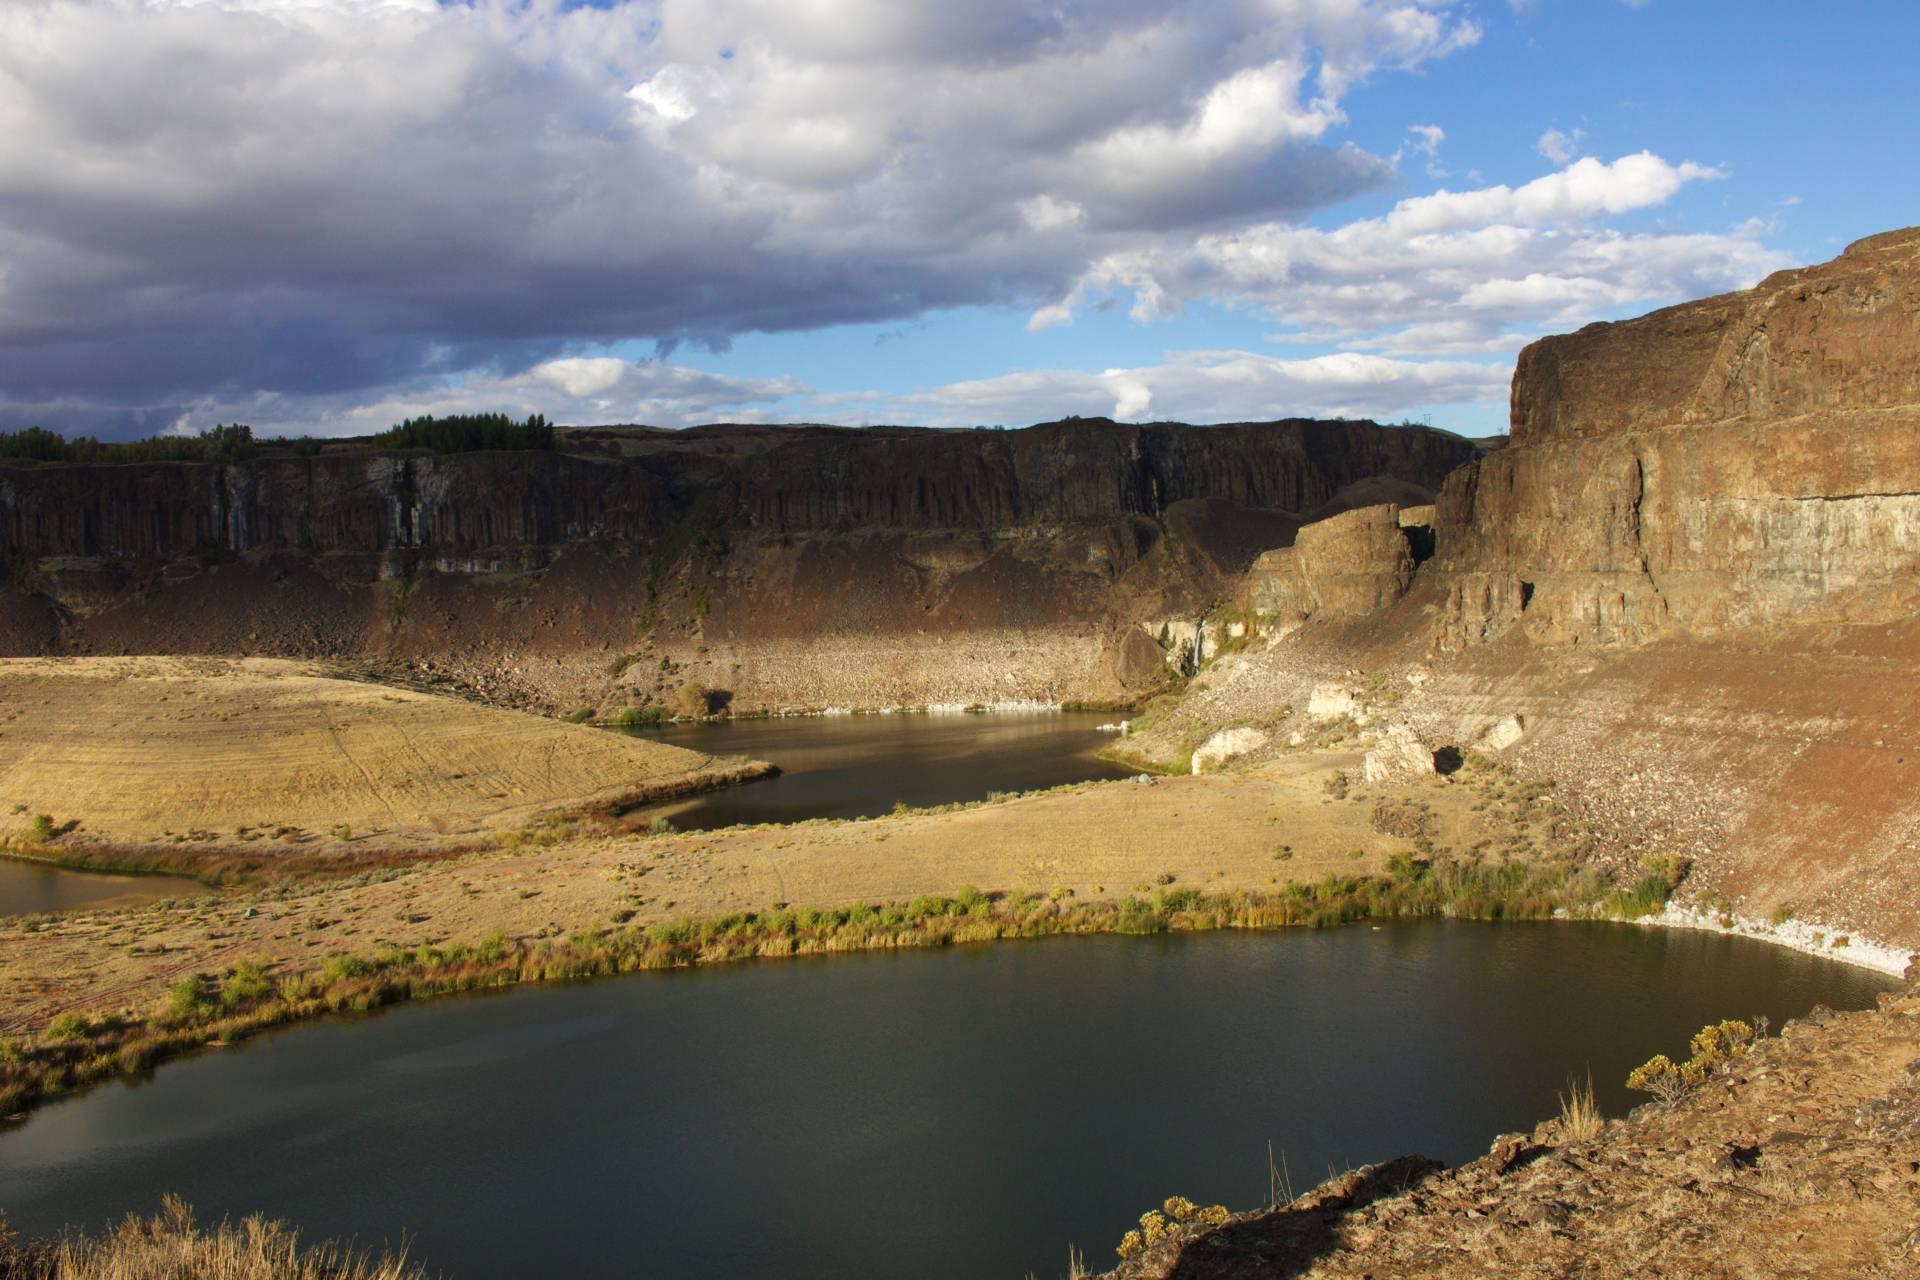 Fall backpacking trip at Ancient Lakes, Washington